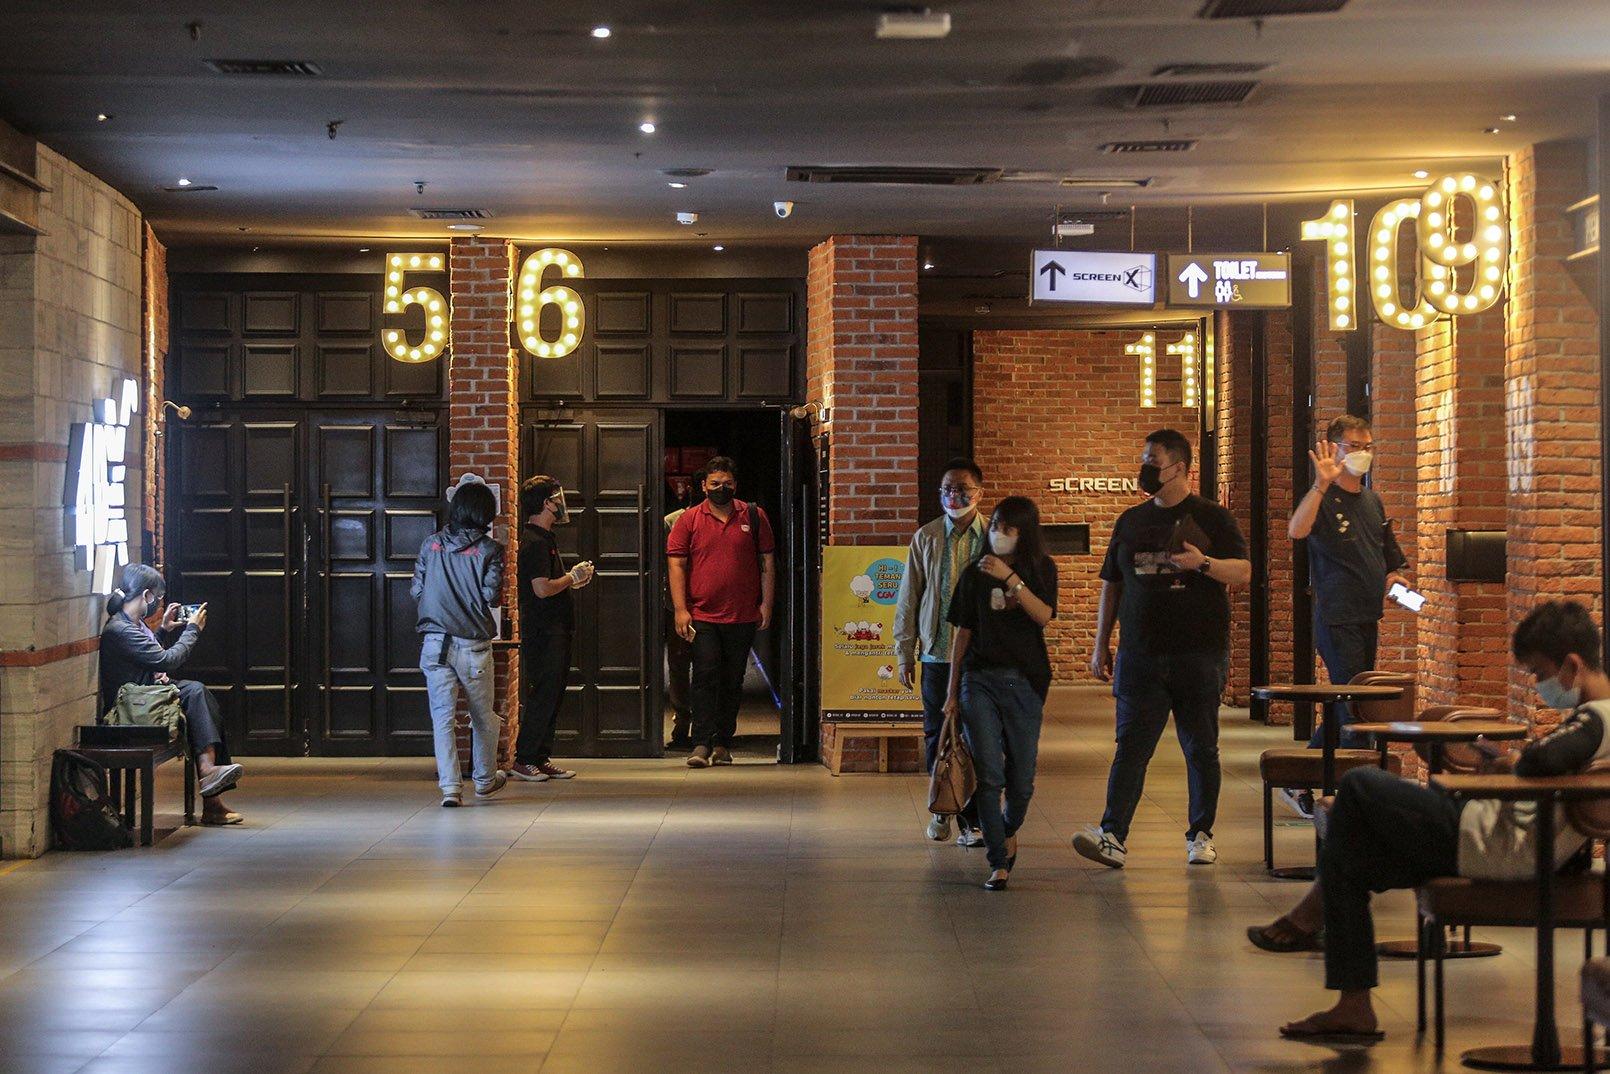 Pengunjung berjalan keluar usai menonton di Bioskop CGV Grand Indonesia di Jakarta, Kamis (16/9/2021). Pemerintah memberikan kelonggaran dengan diperbolehkannya bioskop buka kembali di wilayah-wilayah dengan status pemberlakuan pembatasan kegiatan masyarakat (PPKM) level 3 dan 2 dengan kapasitas pengunjung 50 persen, penggunaan aplikasi PeduliLindungi, telah tervaksinasi COVID-19 dosis kesatu serta kedua dan menerapkan protokol kesehatan secara ketat.